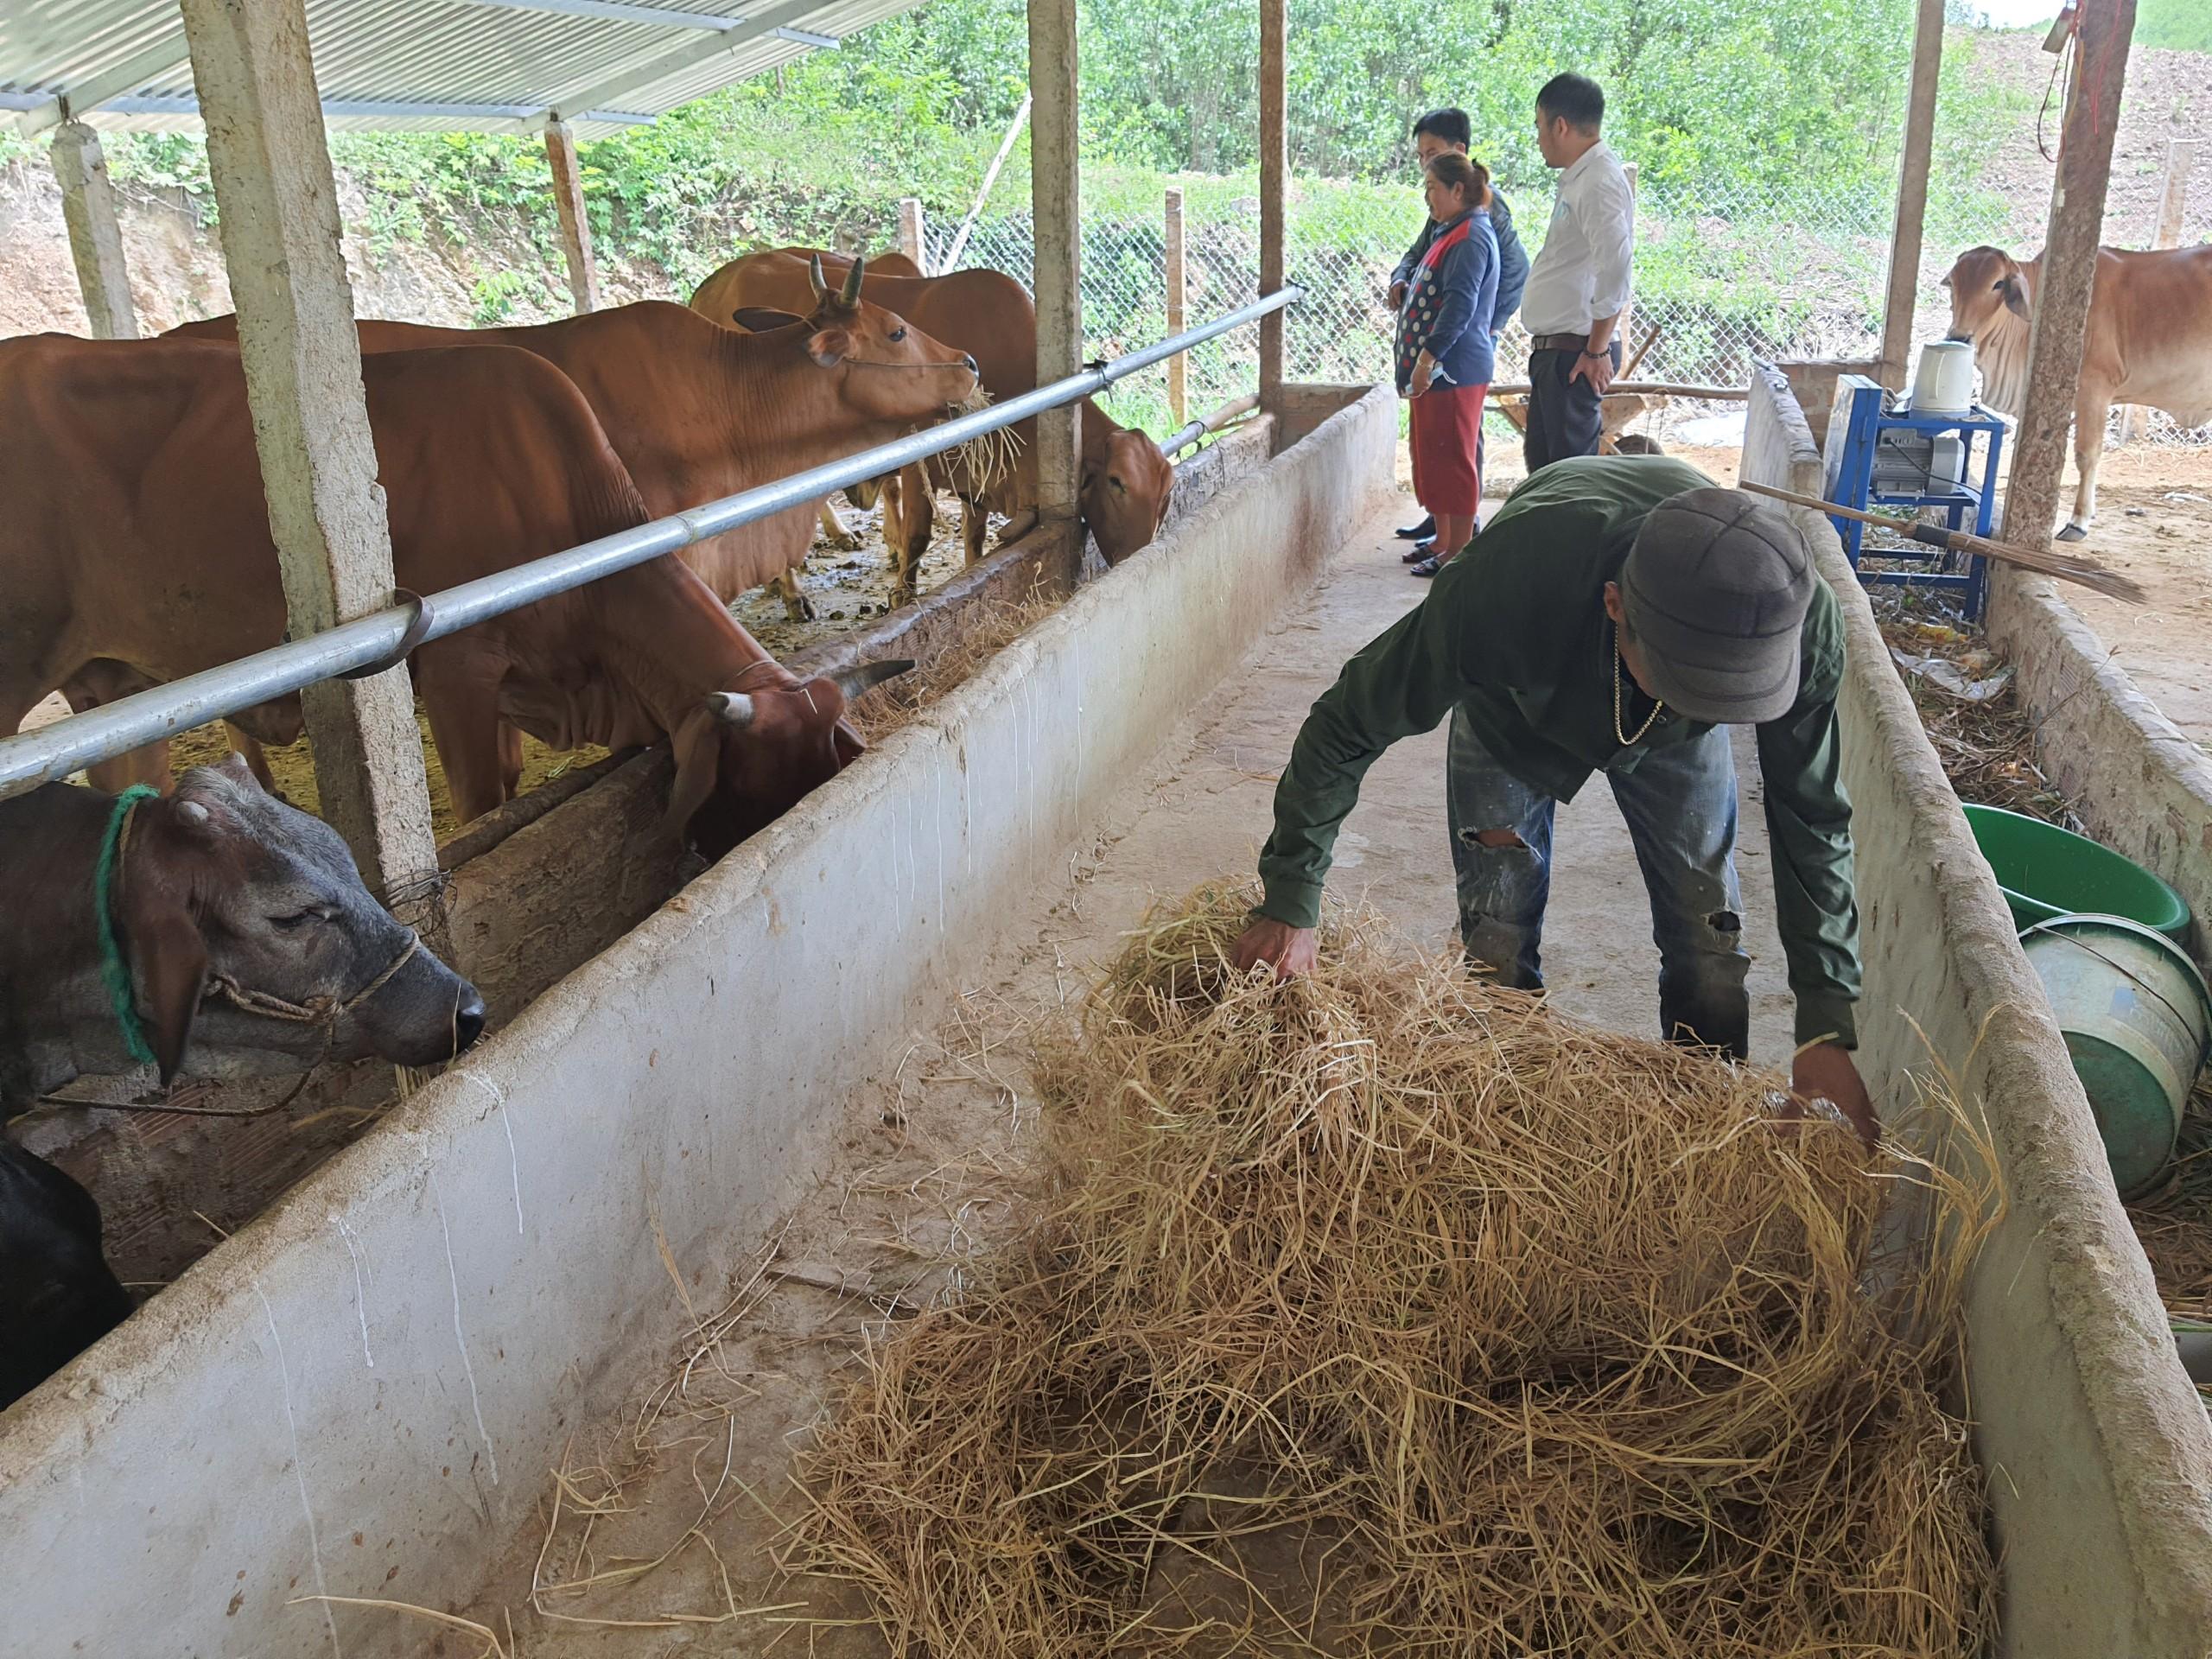 Khánh Hòa: Nông dân vươn lên làm giàu từ trồng bưởi, chuối,nuôi bò,... - Ảnh 2.